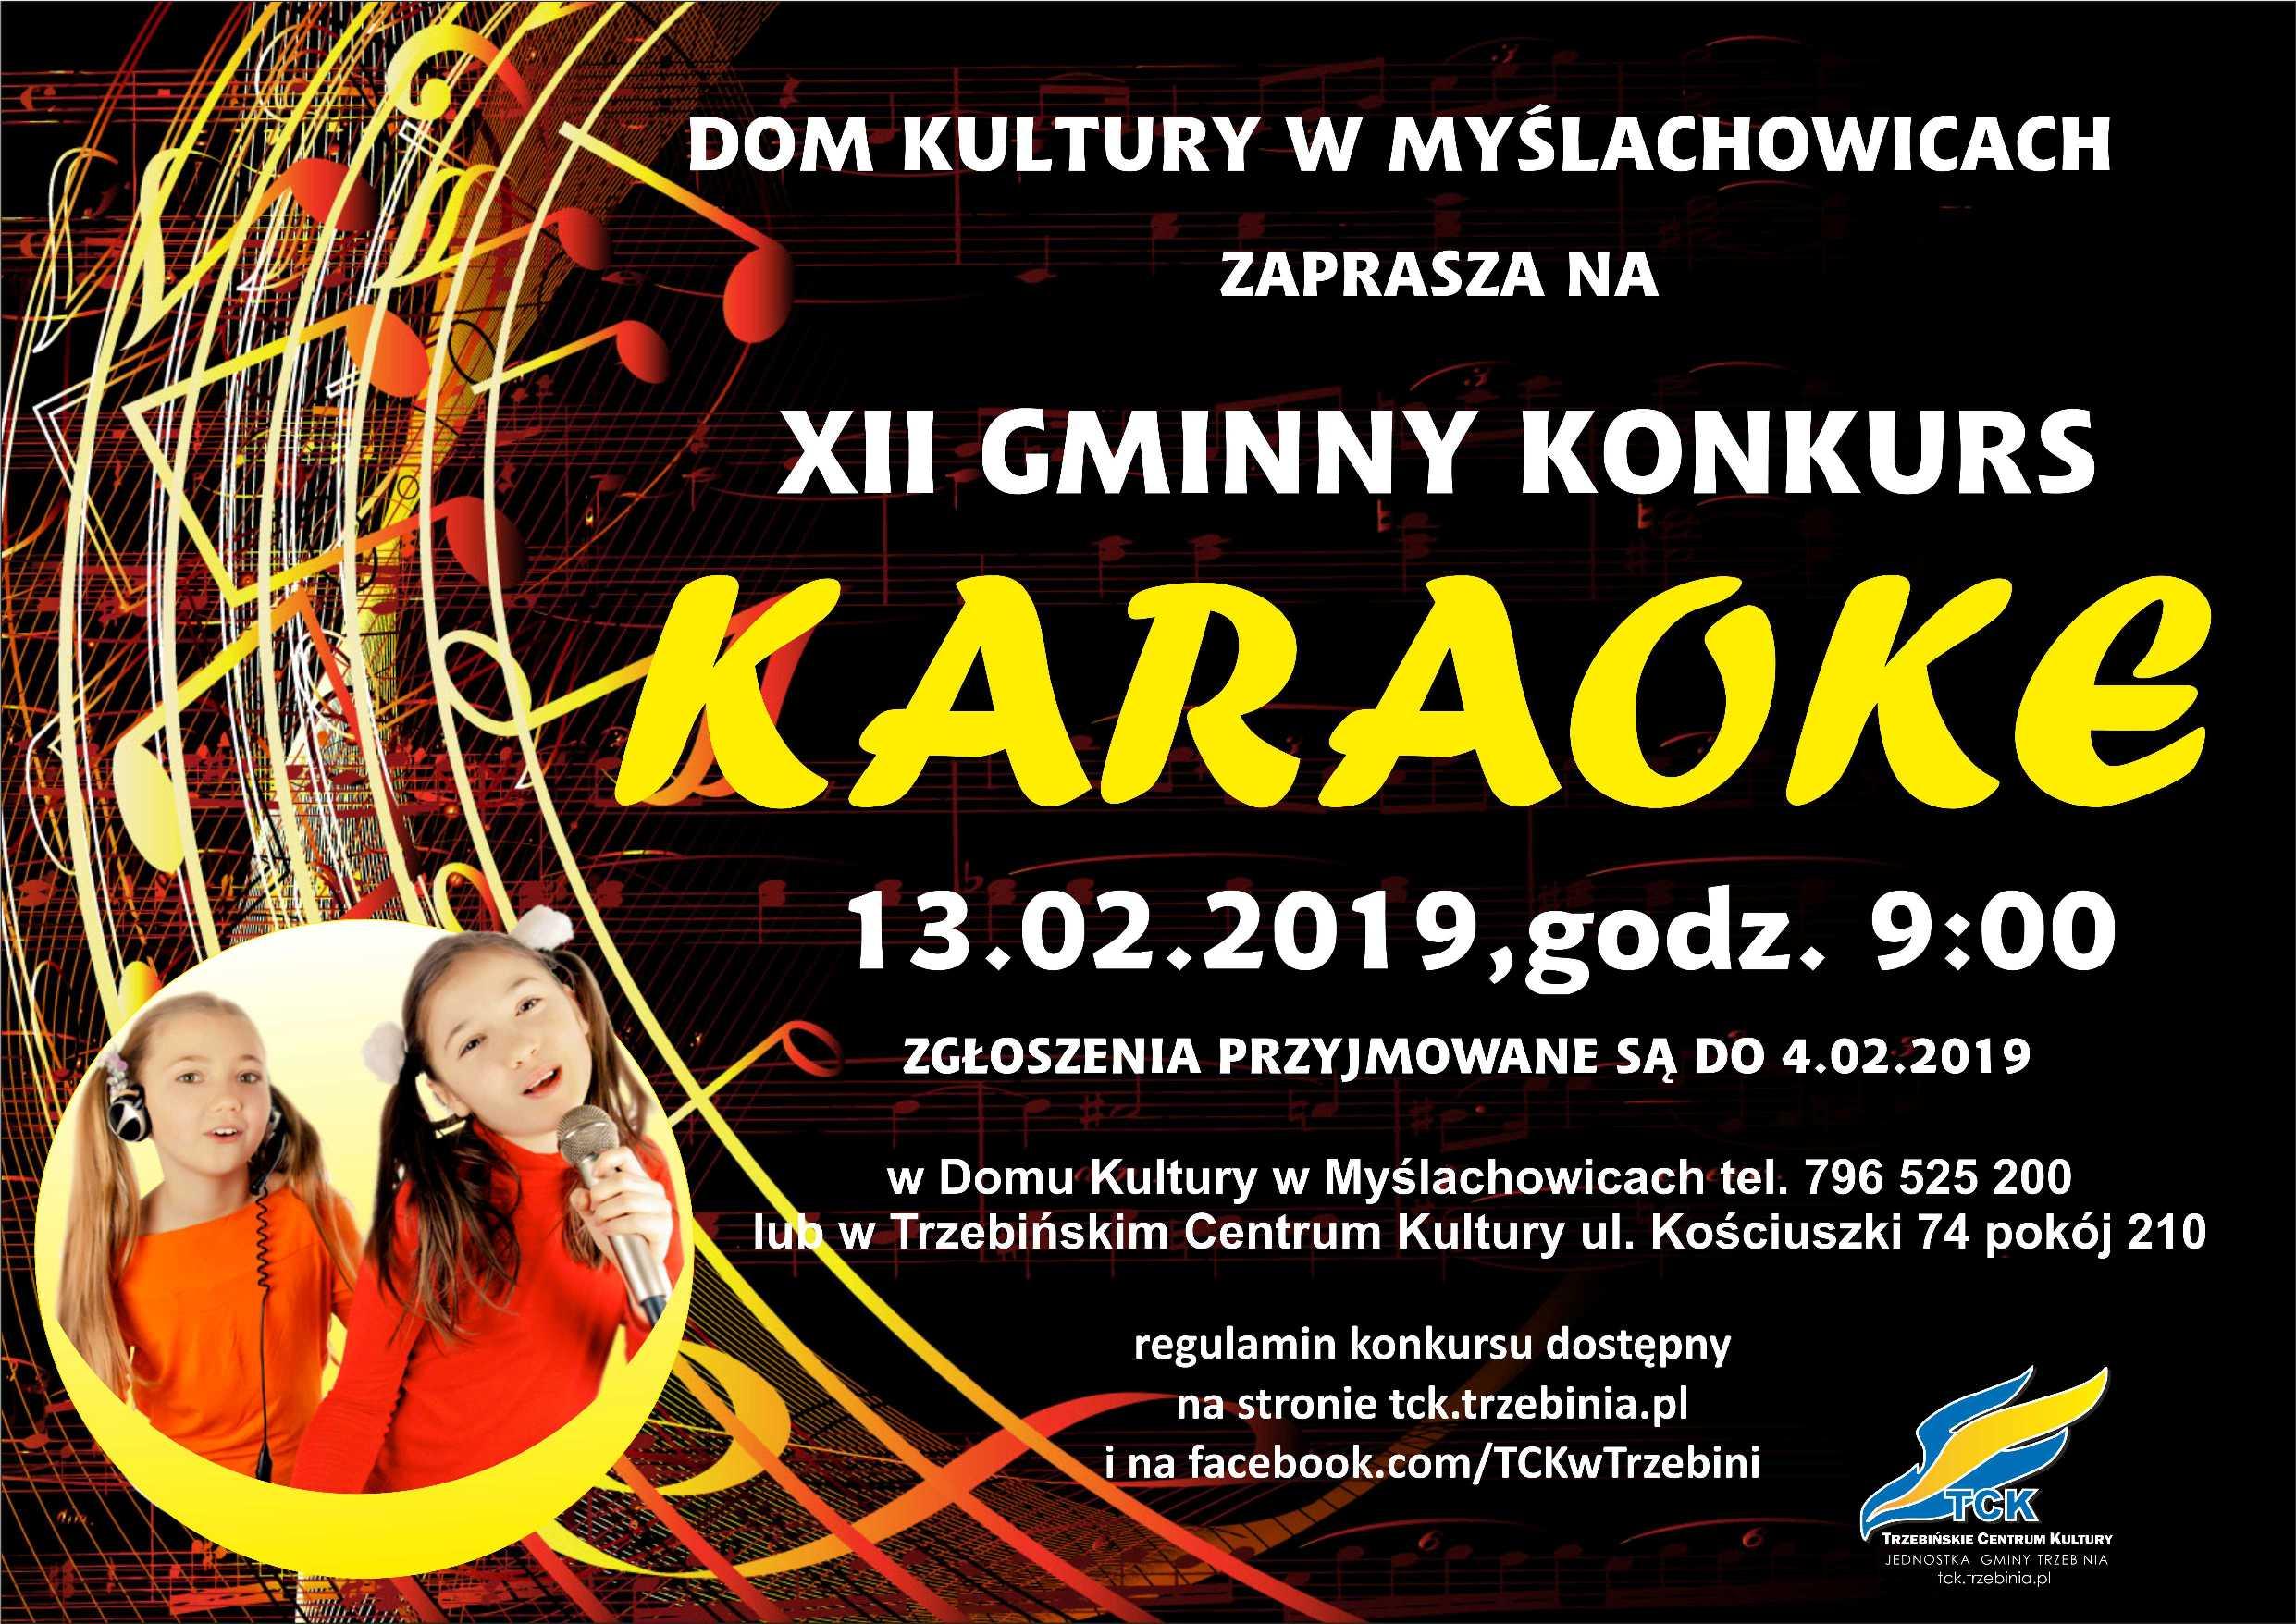 XII Gminny Konkurs Karaoke